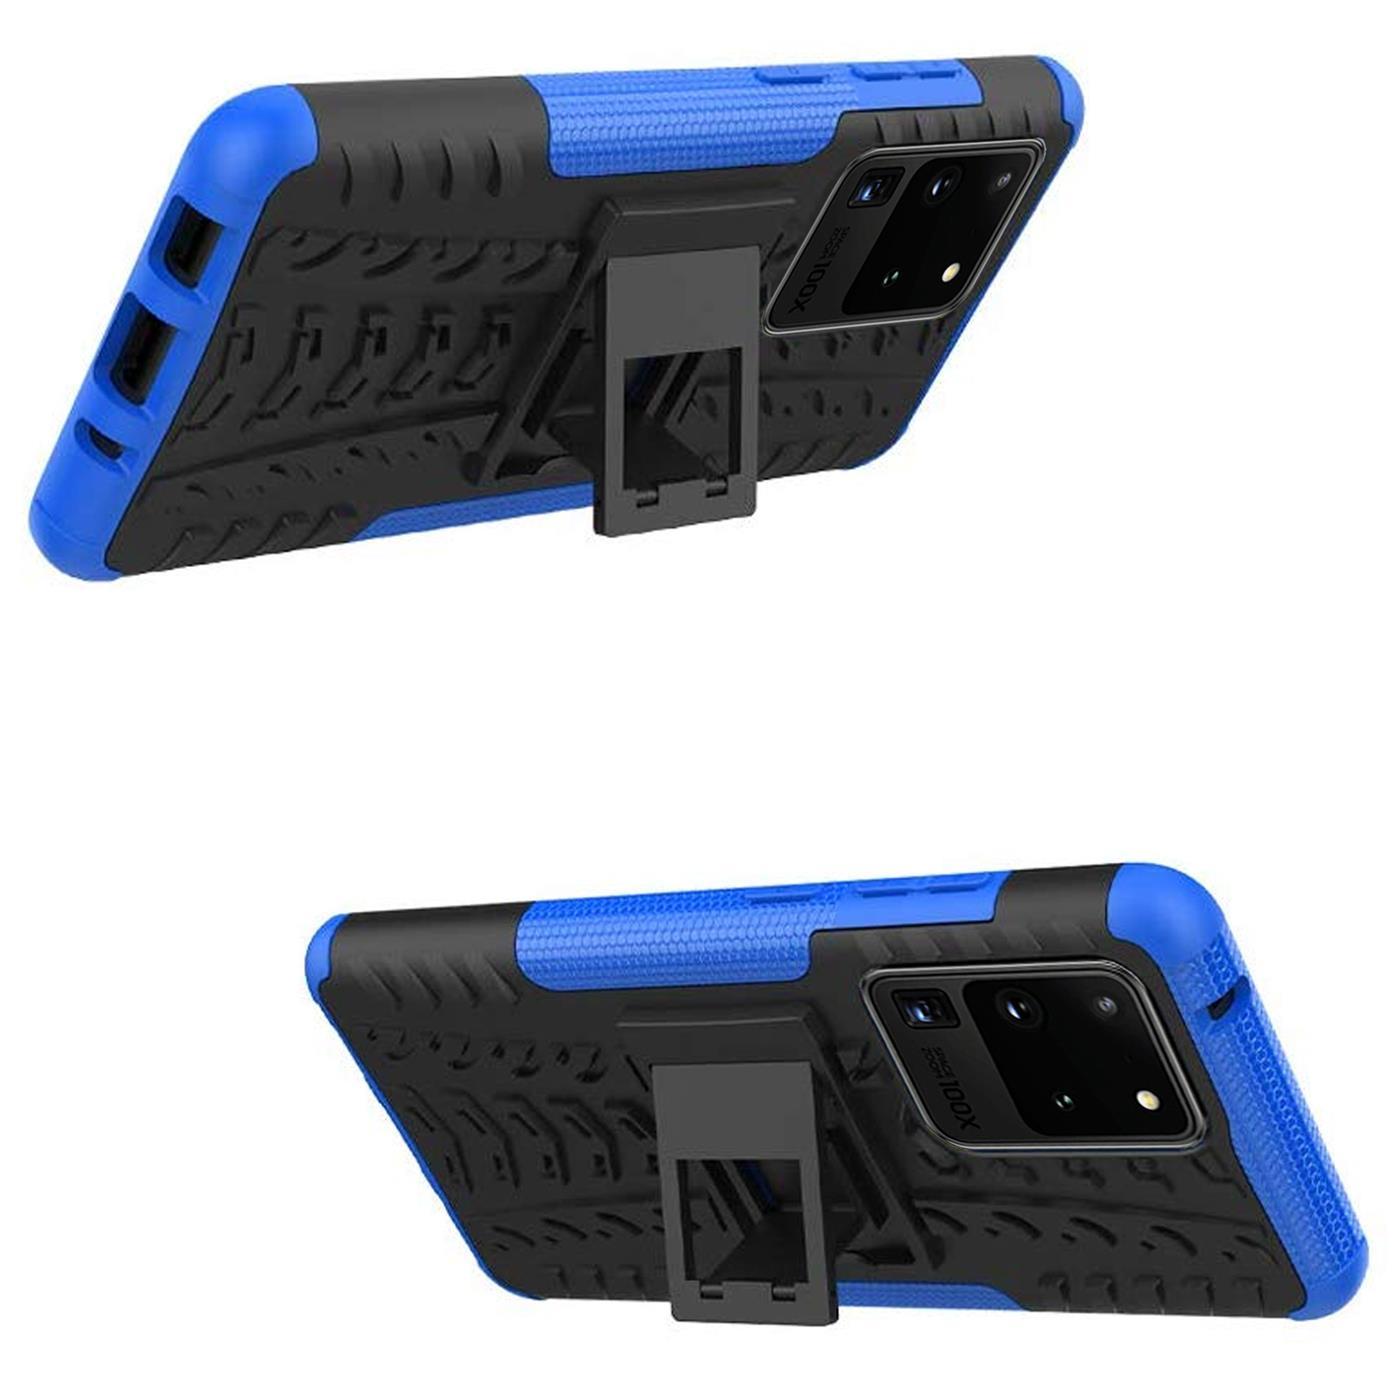 Samsung-Galaxy-S20-Serie-Schutzhuelle-Rugged-Handy-Tasche-Robust-Outdoor-Cover Indexbild 12